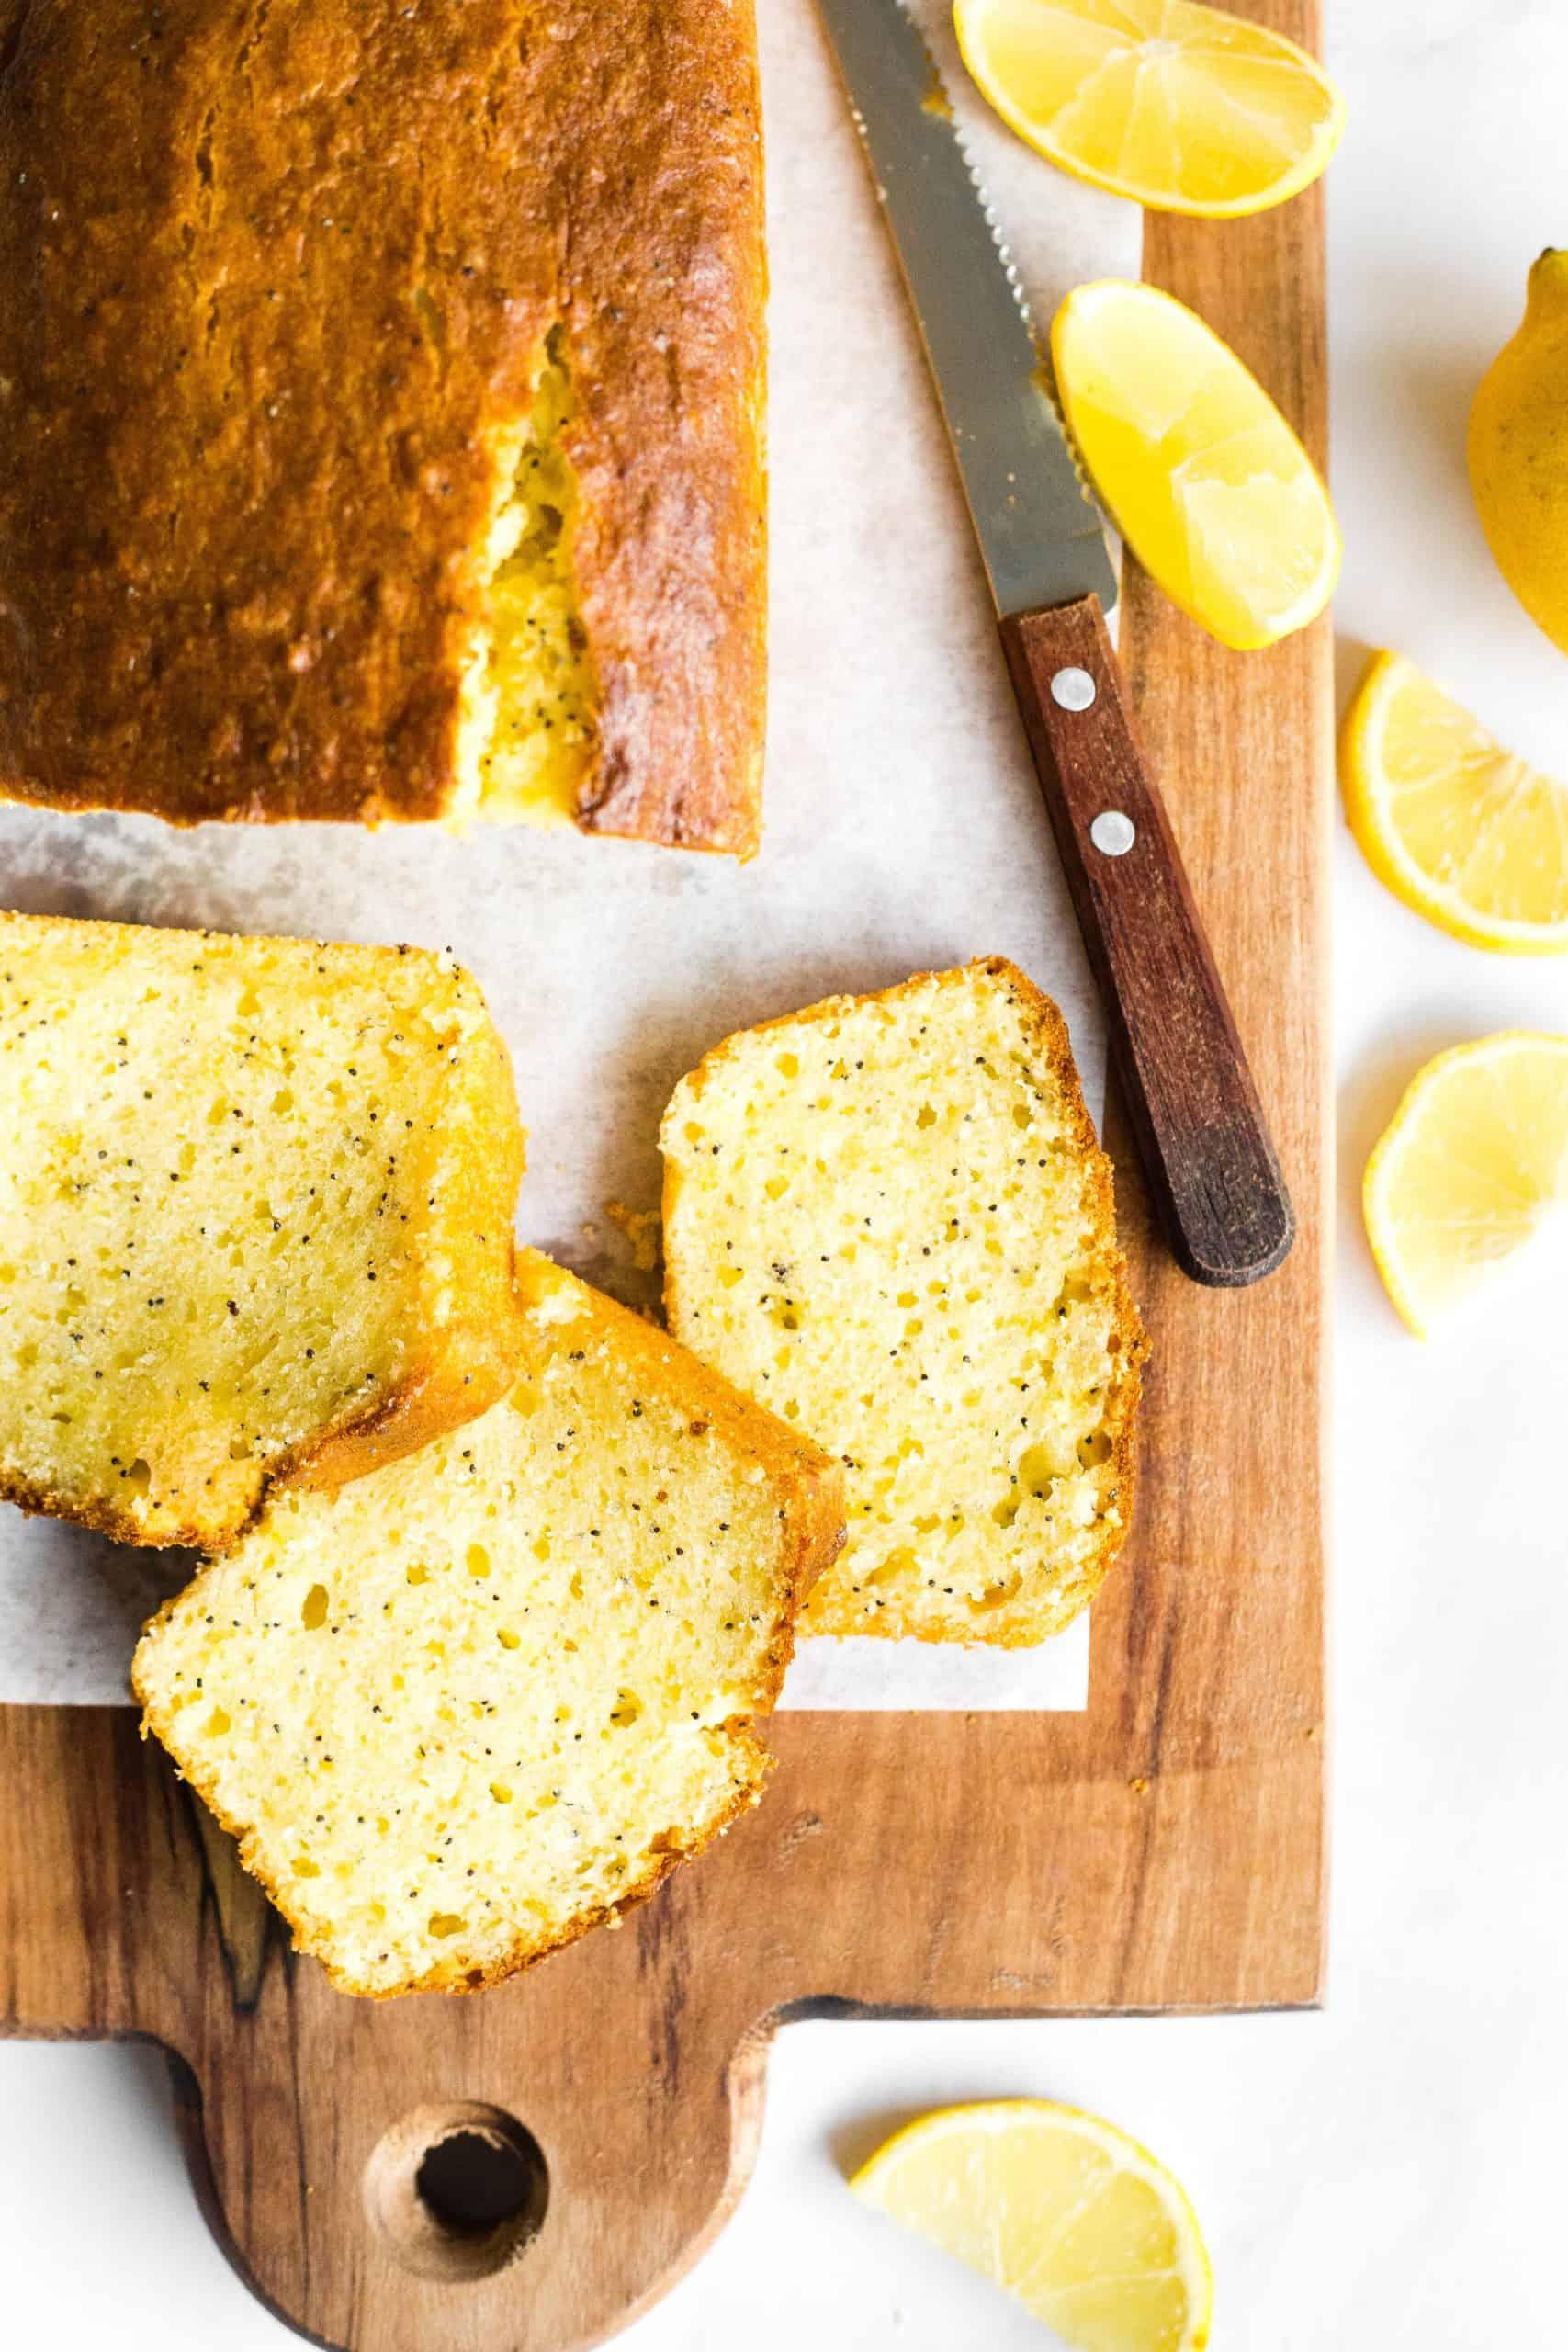 A sliced loaf of gluten-free lemon poppy seed cake on a wooden board.